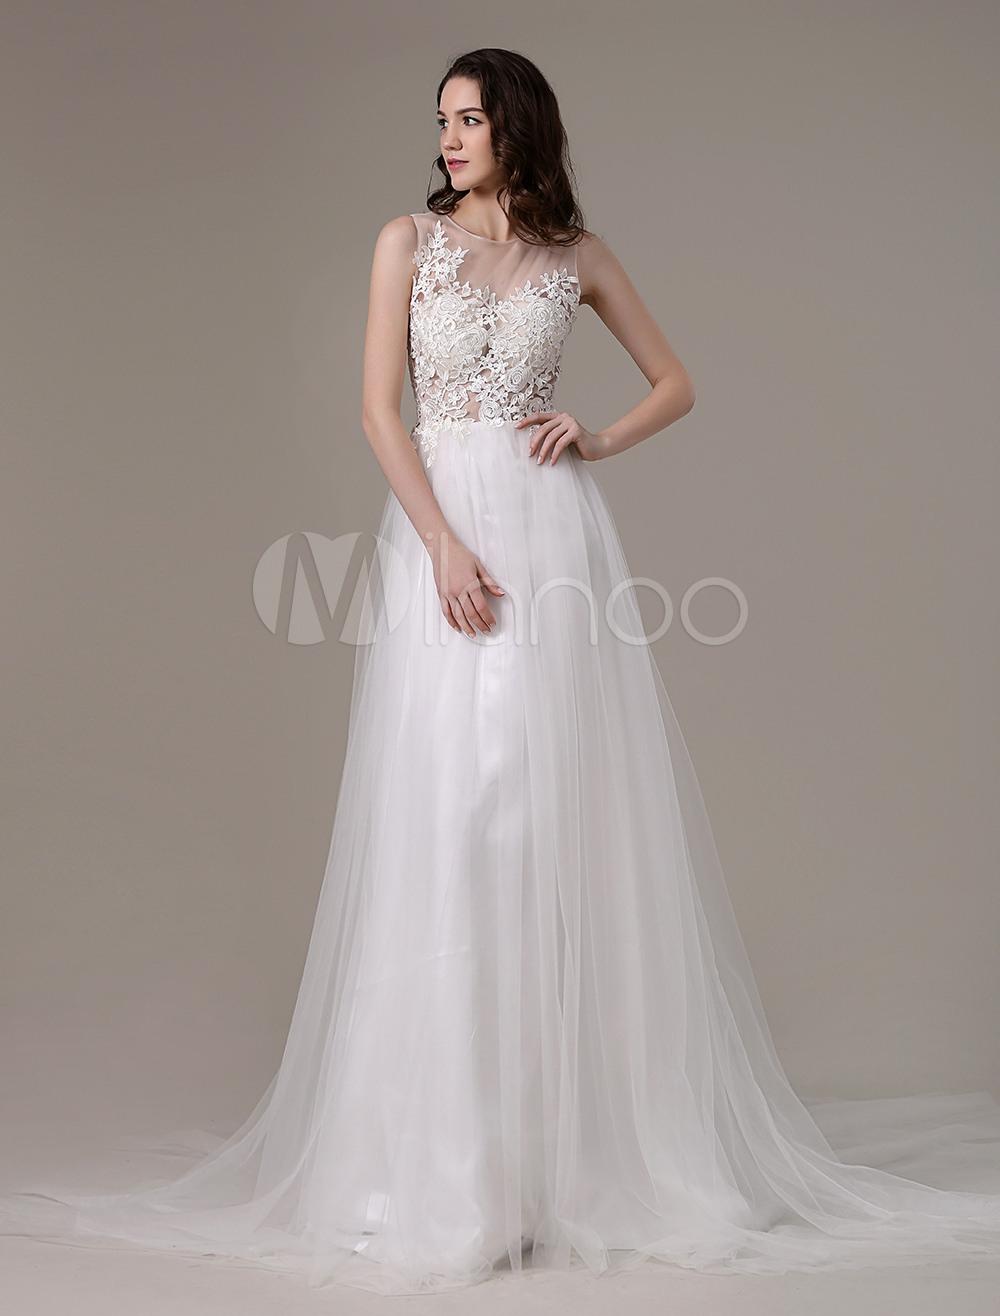 Formal Fantastisch Langes Abendkleid Weiß für 201913 Schön Langes Abendkleid Weiß Galerie